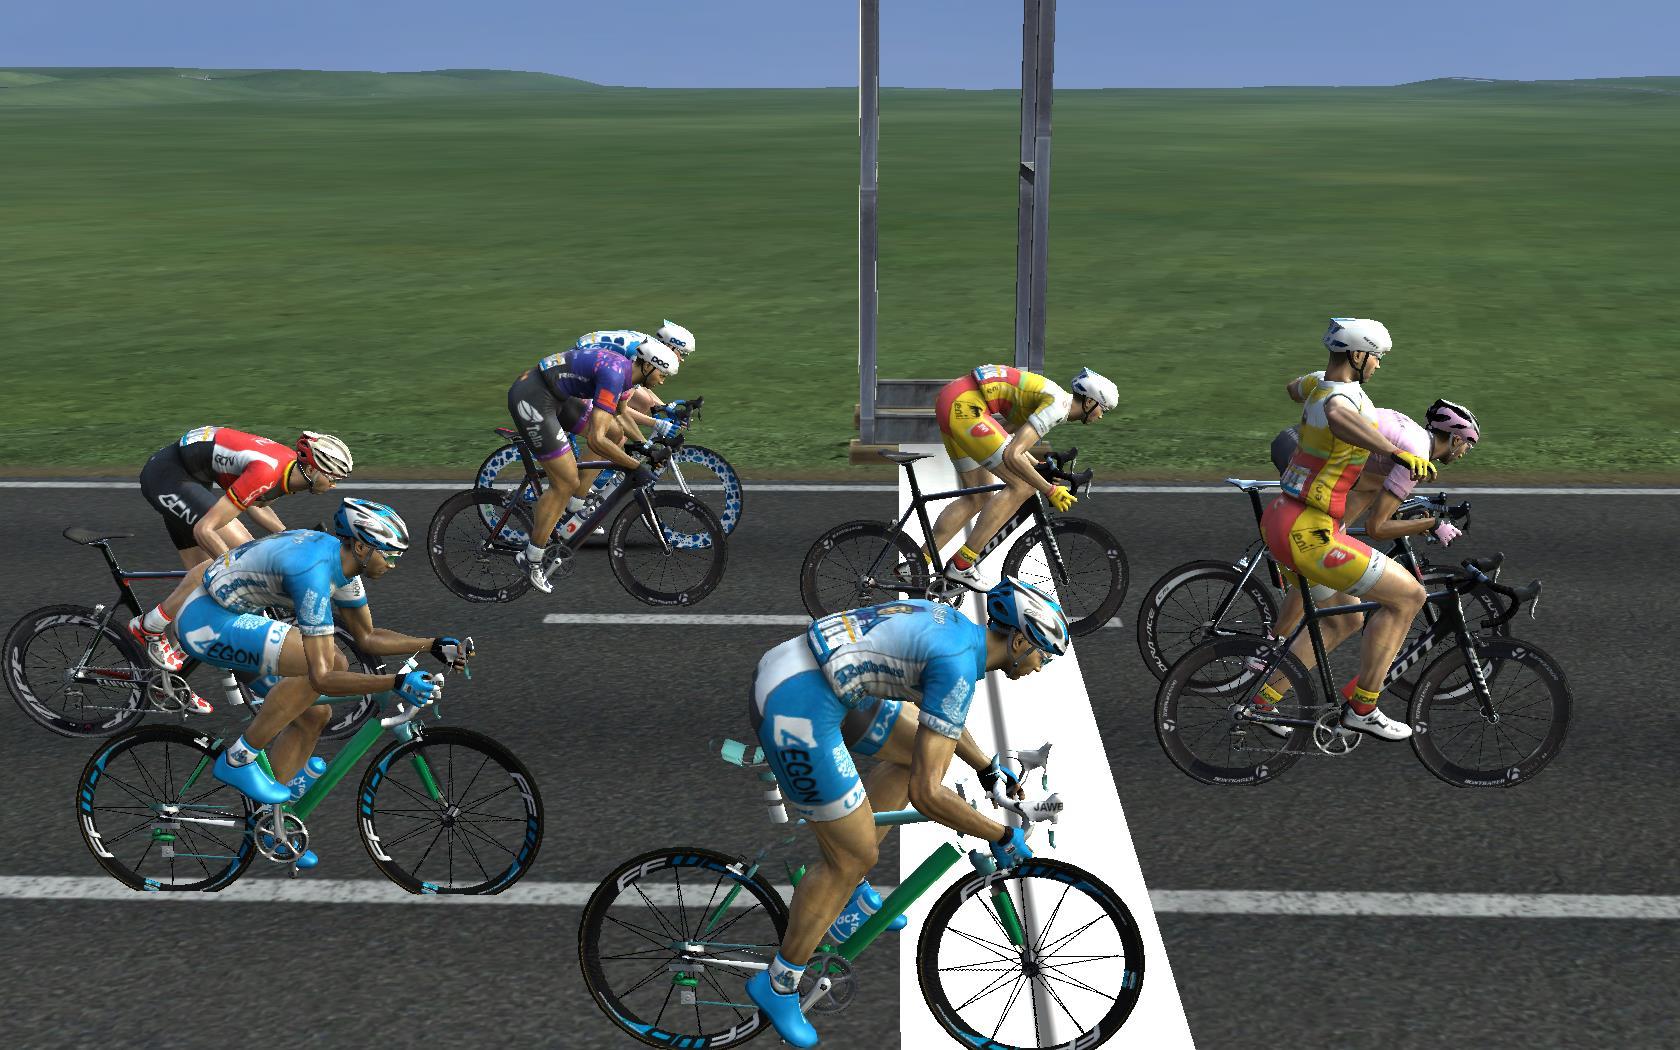 pcmdaily.com/images/mg/2018/Races/C2HC/ParisTours/PCM0021.jpg